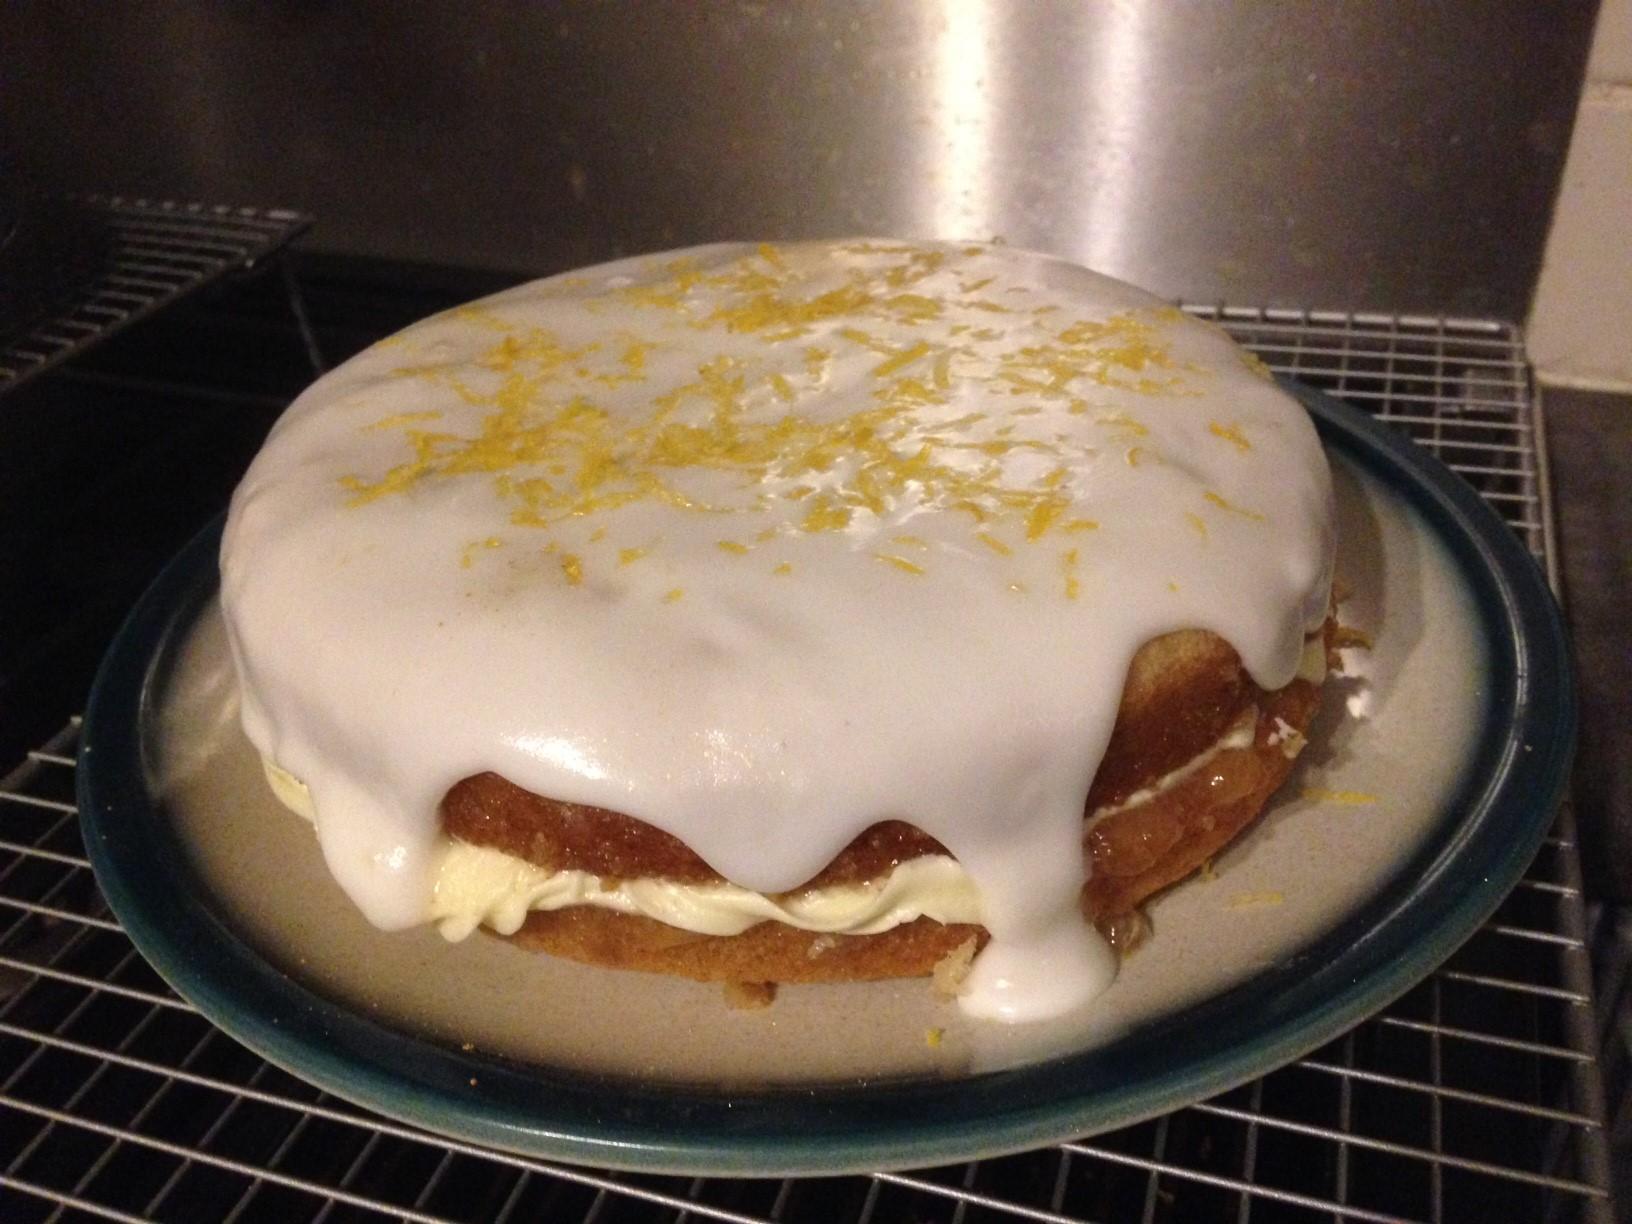 lemony cake